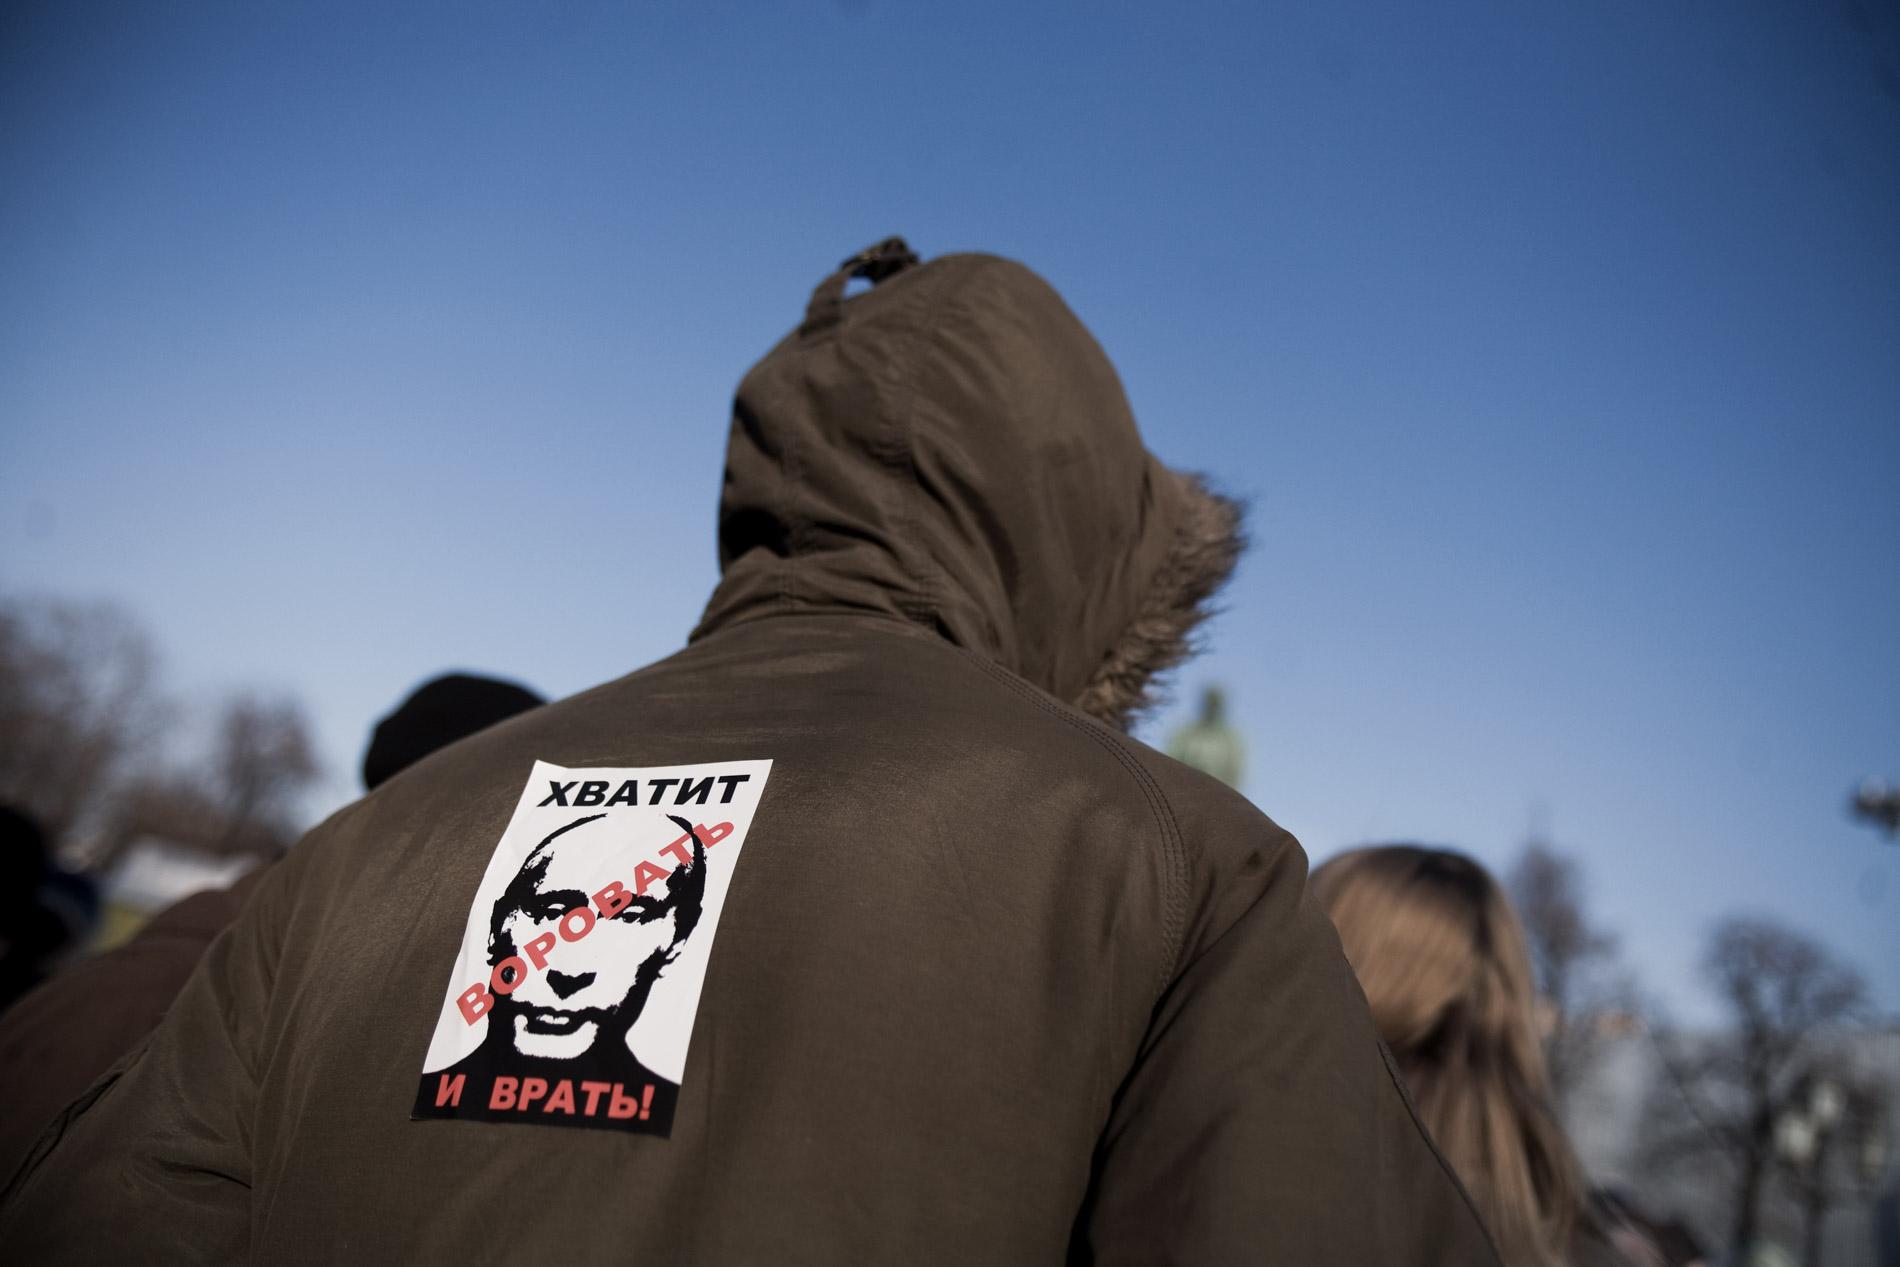 Rassemblement d'une vingtaine d'opposants place Pouchkine, suite a la manifestation qui a reunit entre 10000 et 15000 participants, sur Novy Arbat, a Moscou le 10 mars 2012.